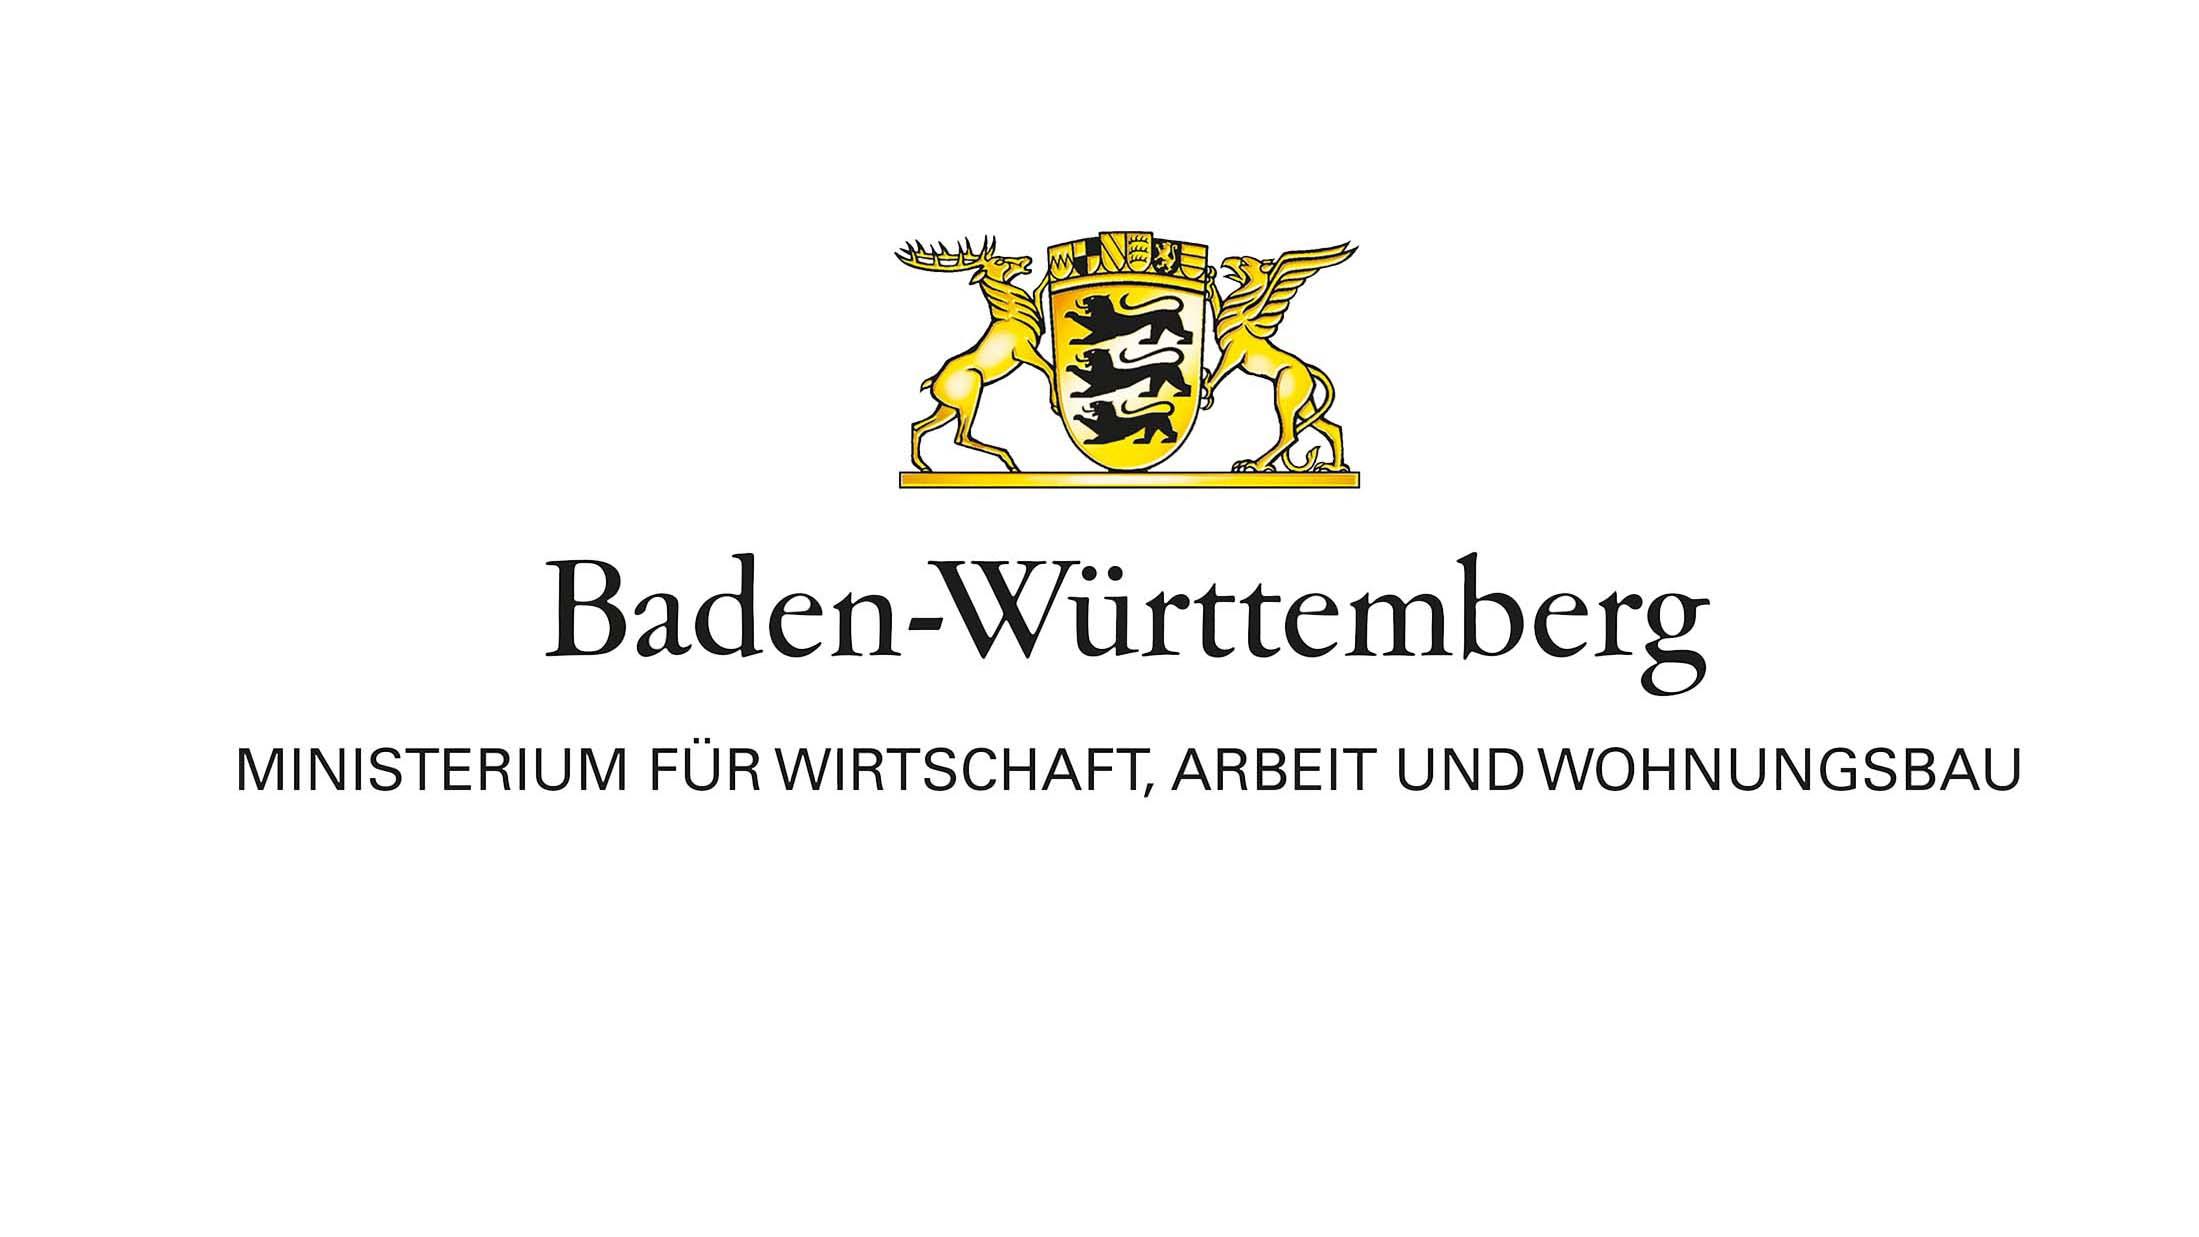 Logo des Ministeriums für Wirtschaft, Arbeit und Wohnungsbau